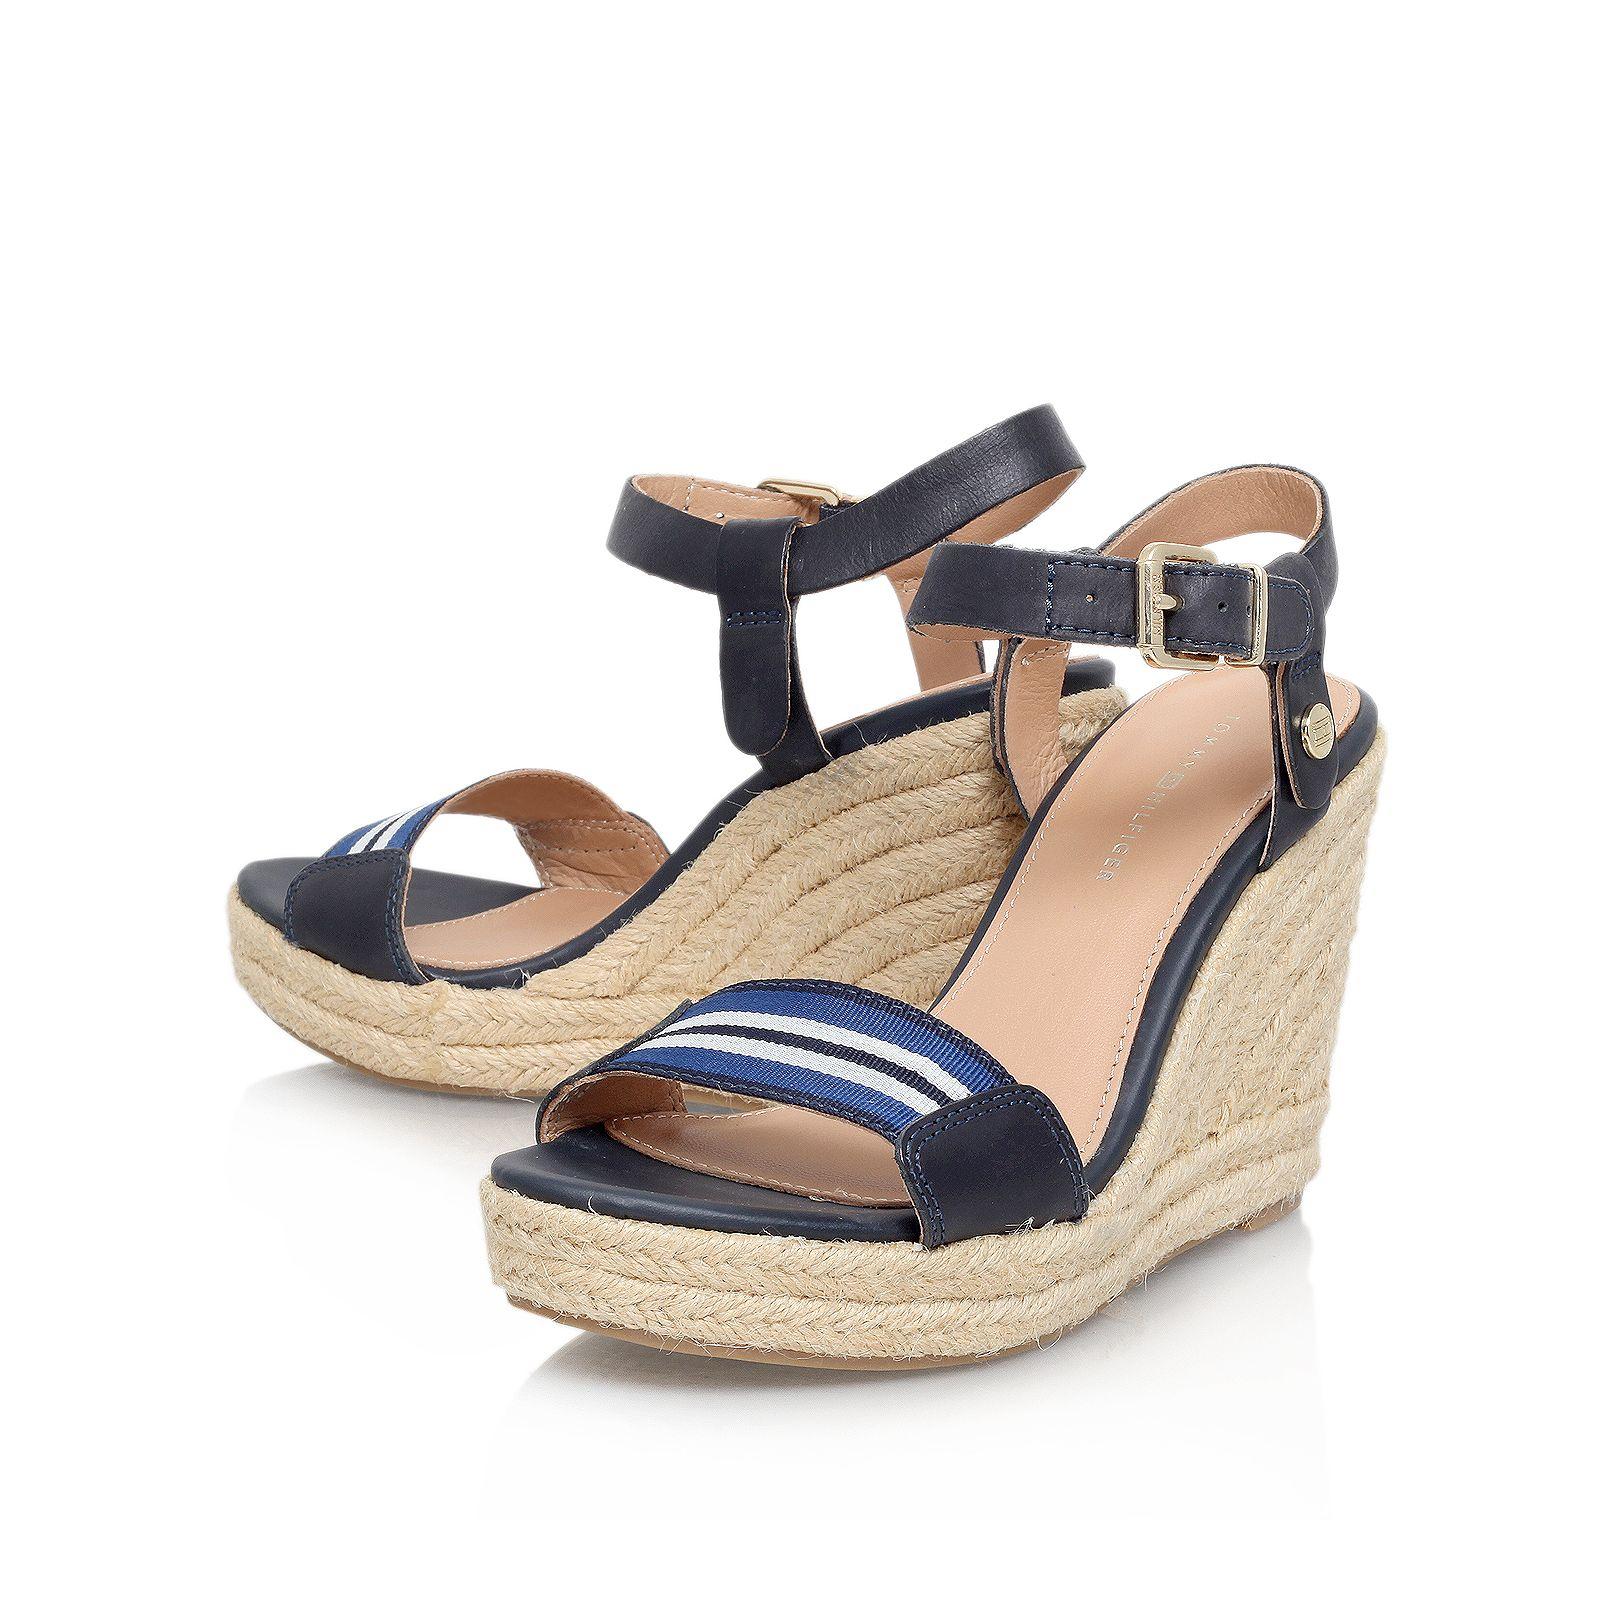 tommy hilfiger emery 87c high wedge heel sandals in blue. Black Bedroom Furniture Sets. Home Design Ideas